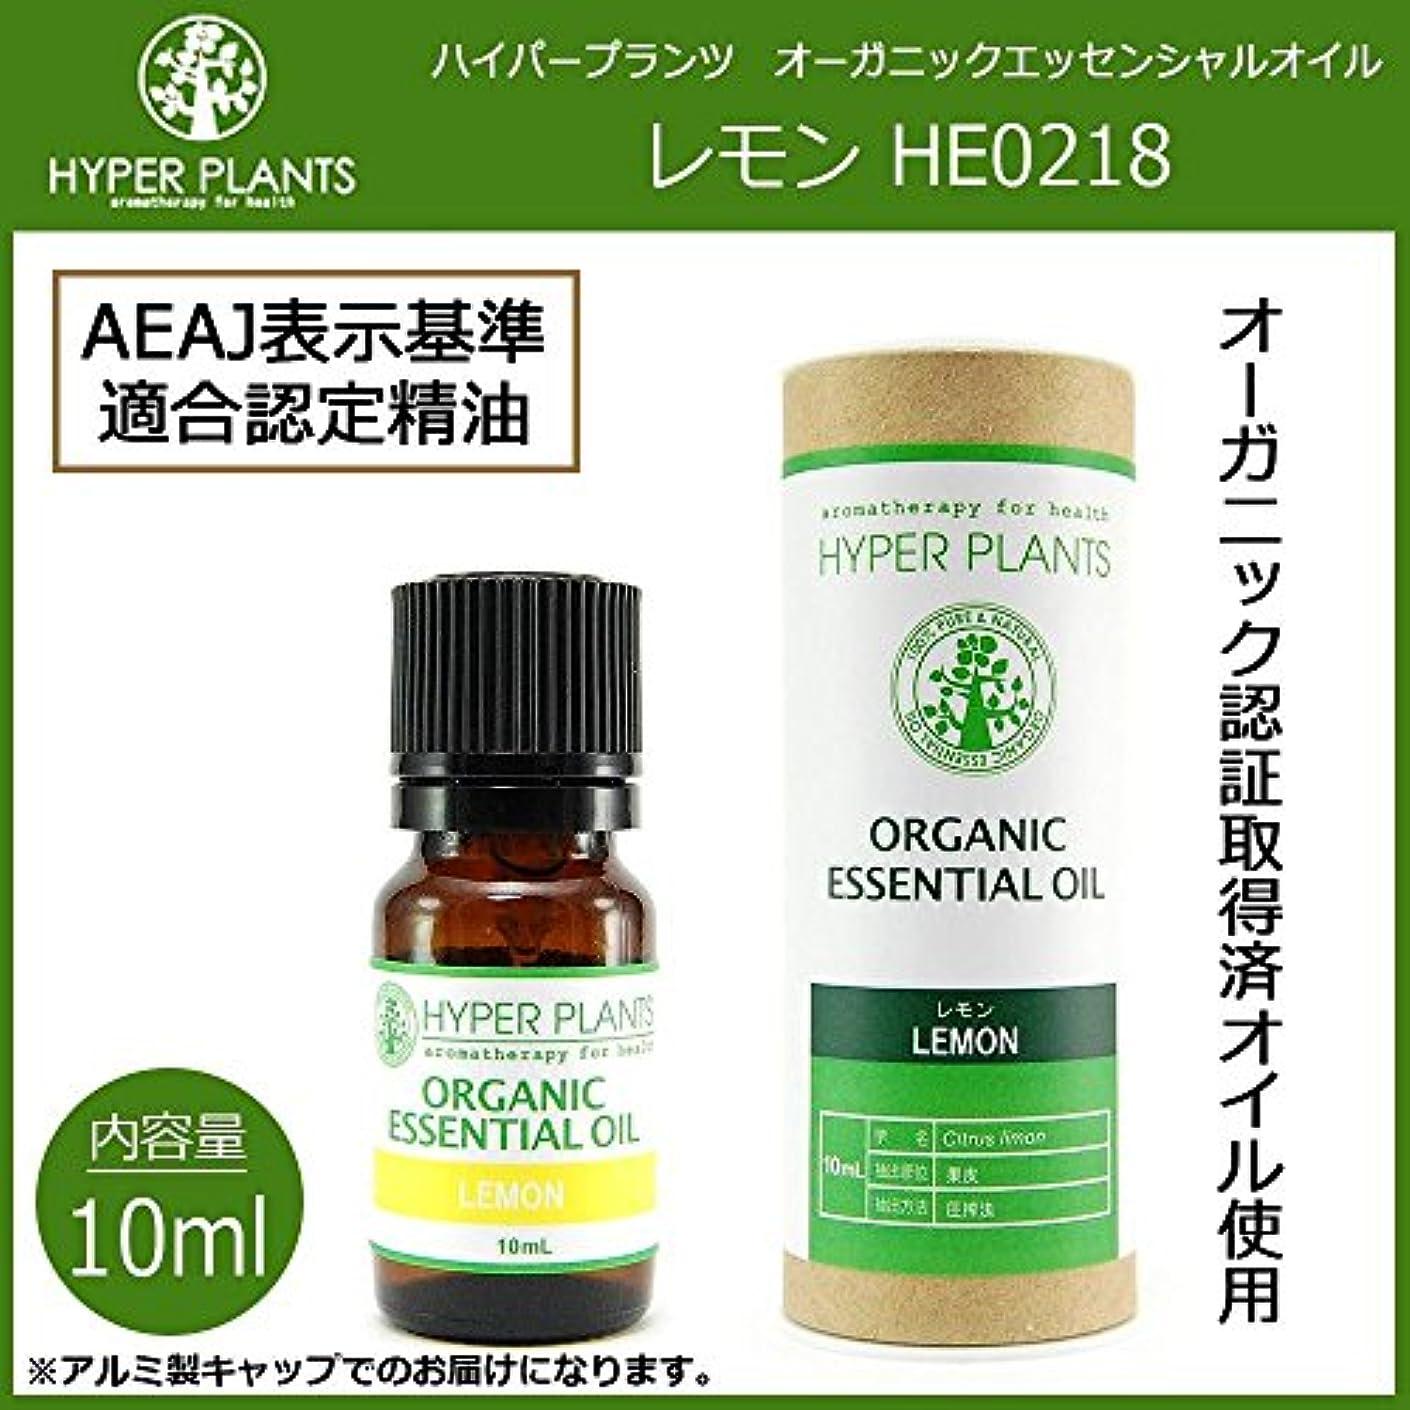 トチの実の木与えるレッドデートHYPER PLANTS ハイパープランツ オーガニックエッセンシャルオイル レモン 10ml HE0218